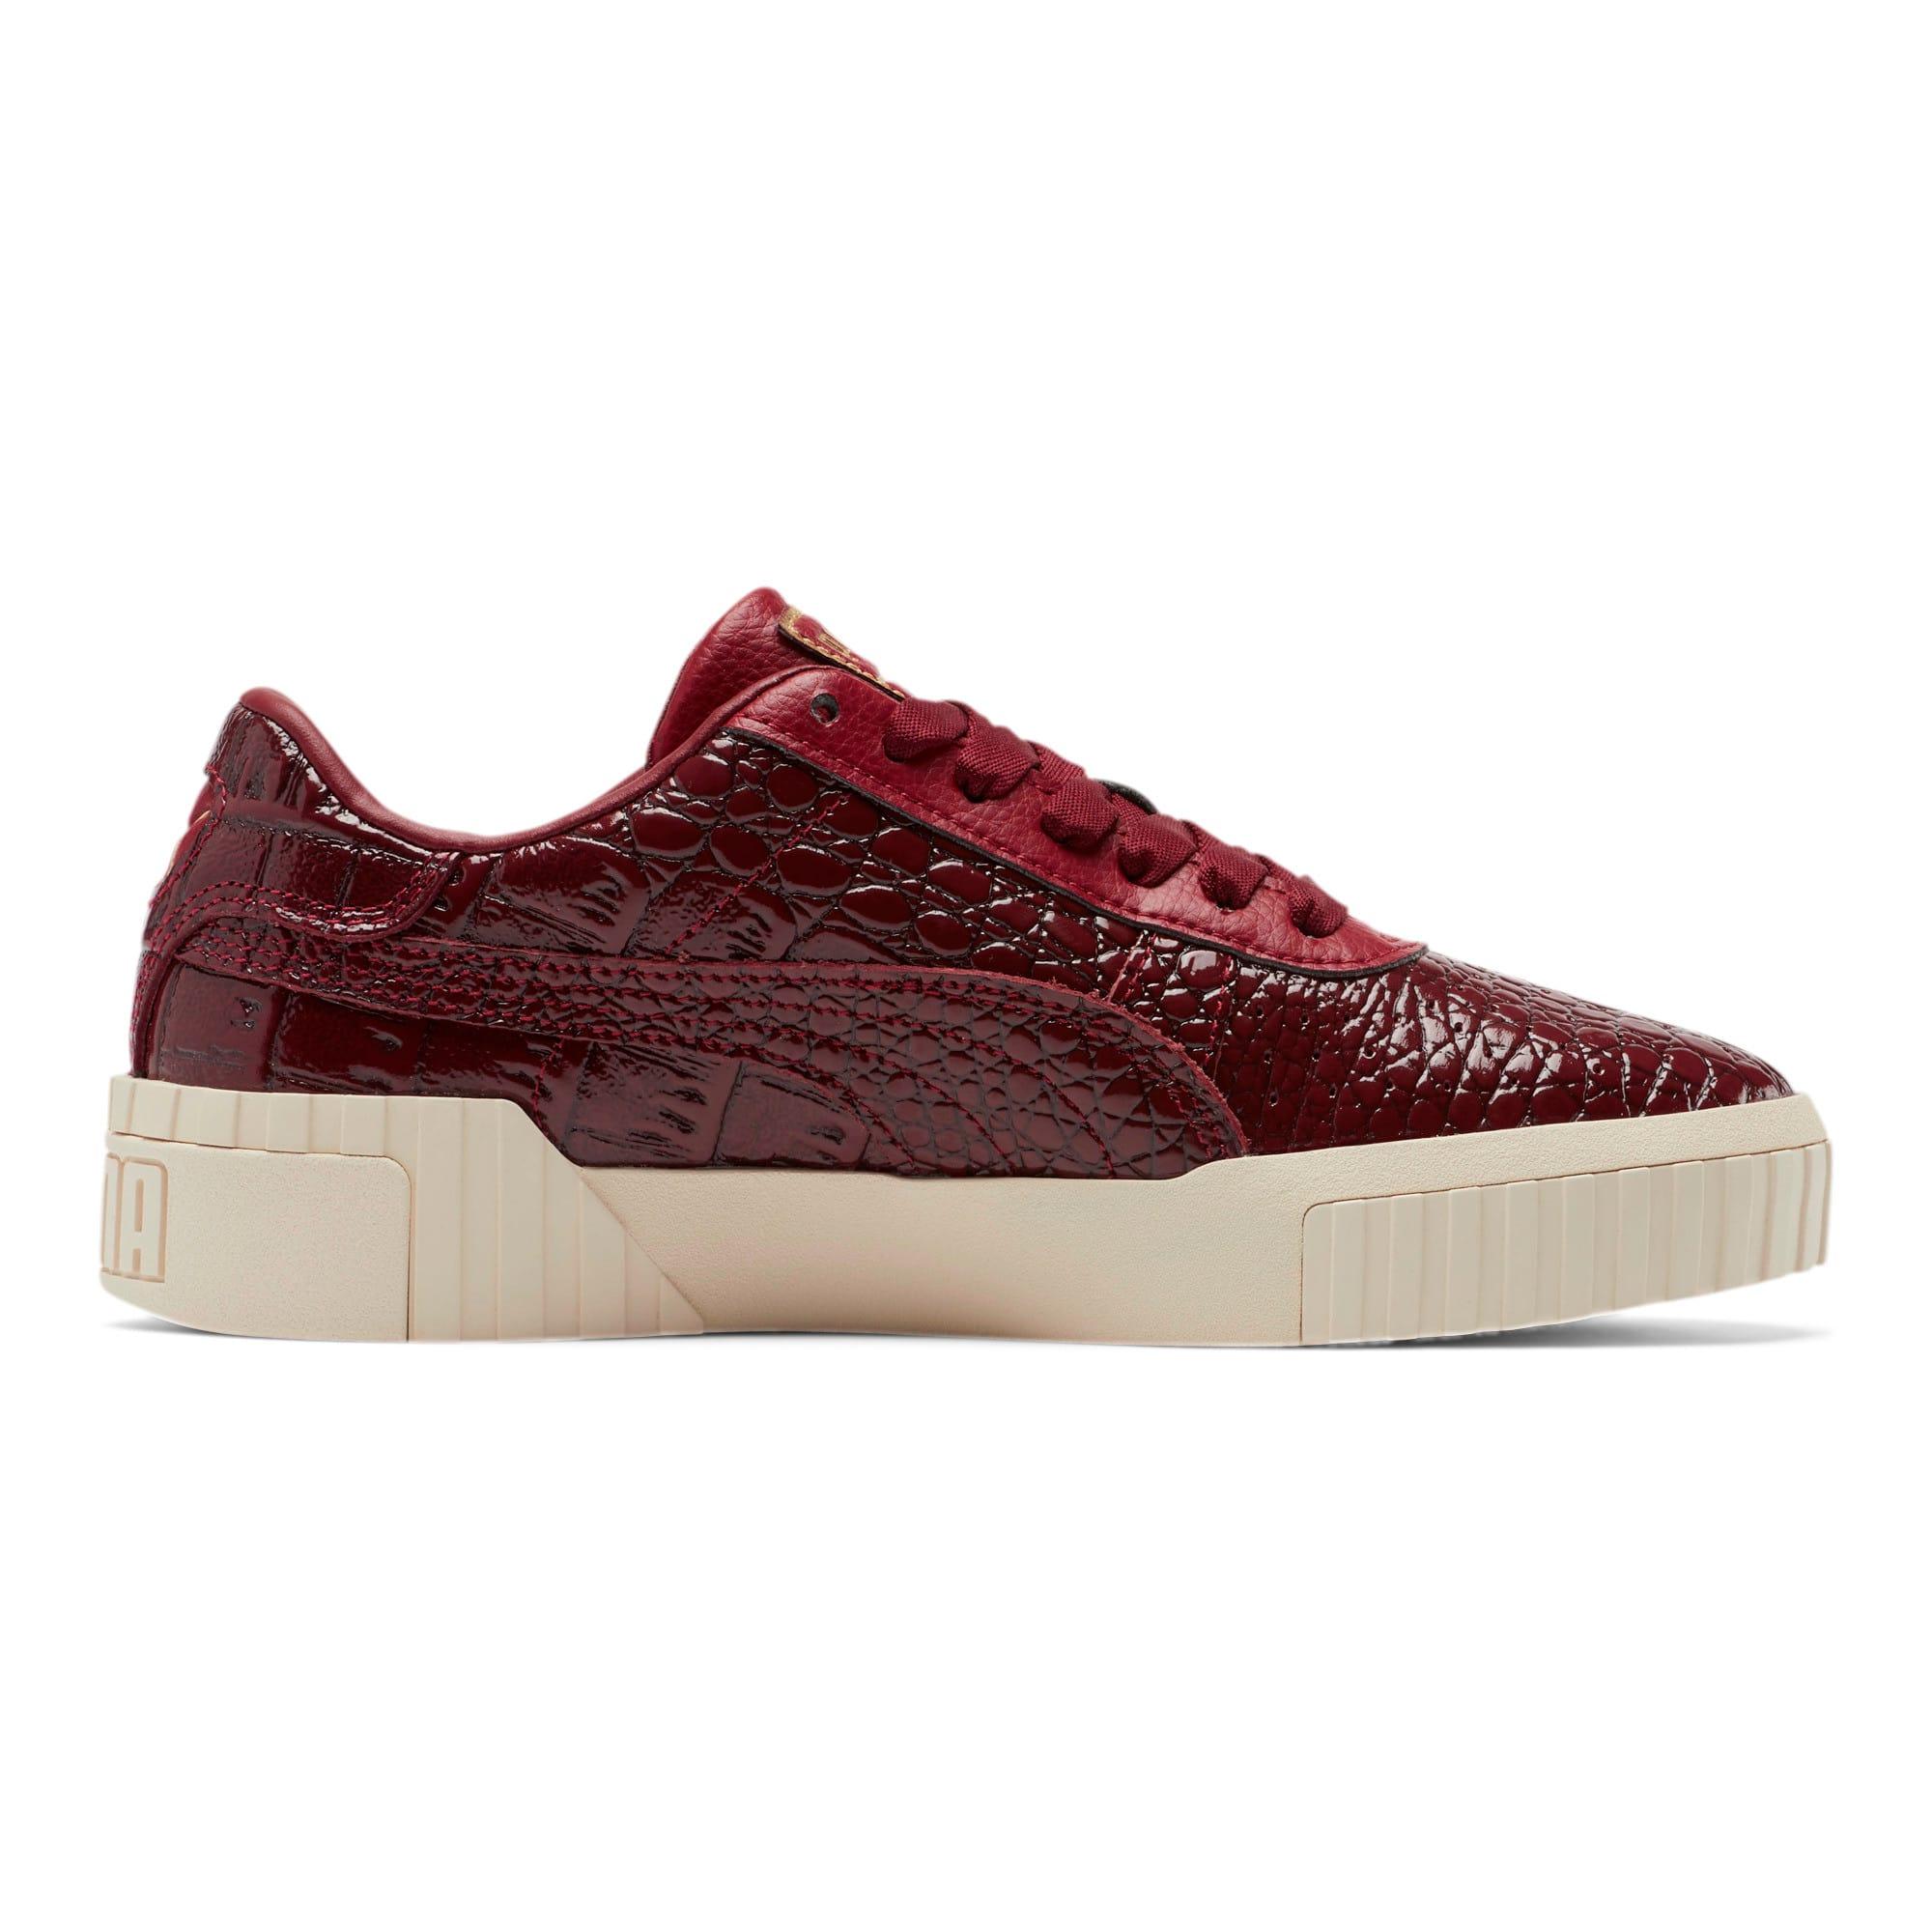 Thumbnail 6 of Cali Croc Women's Sneakers, Pomegranate-Pomegranate, medium